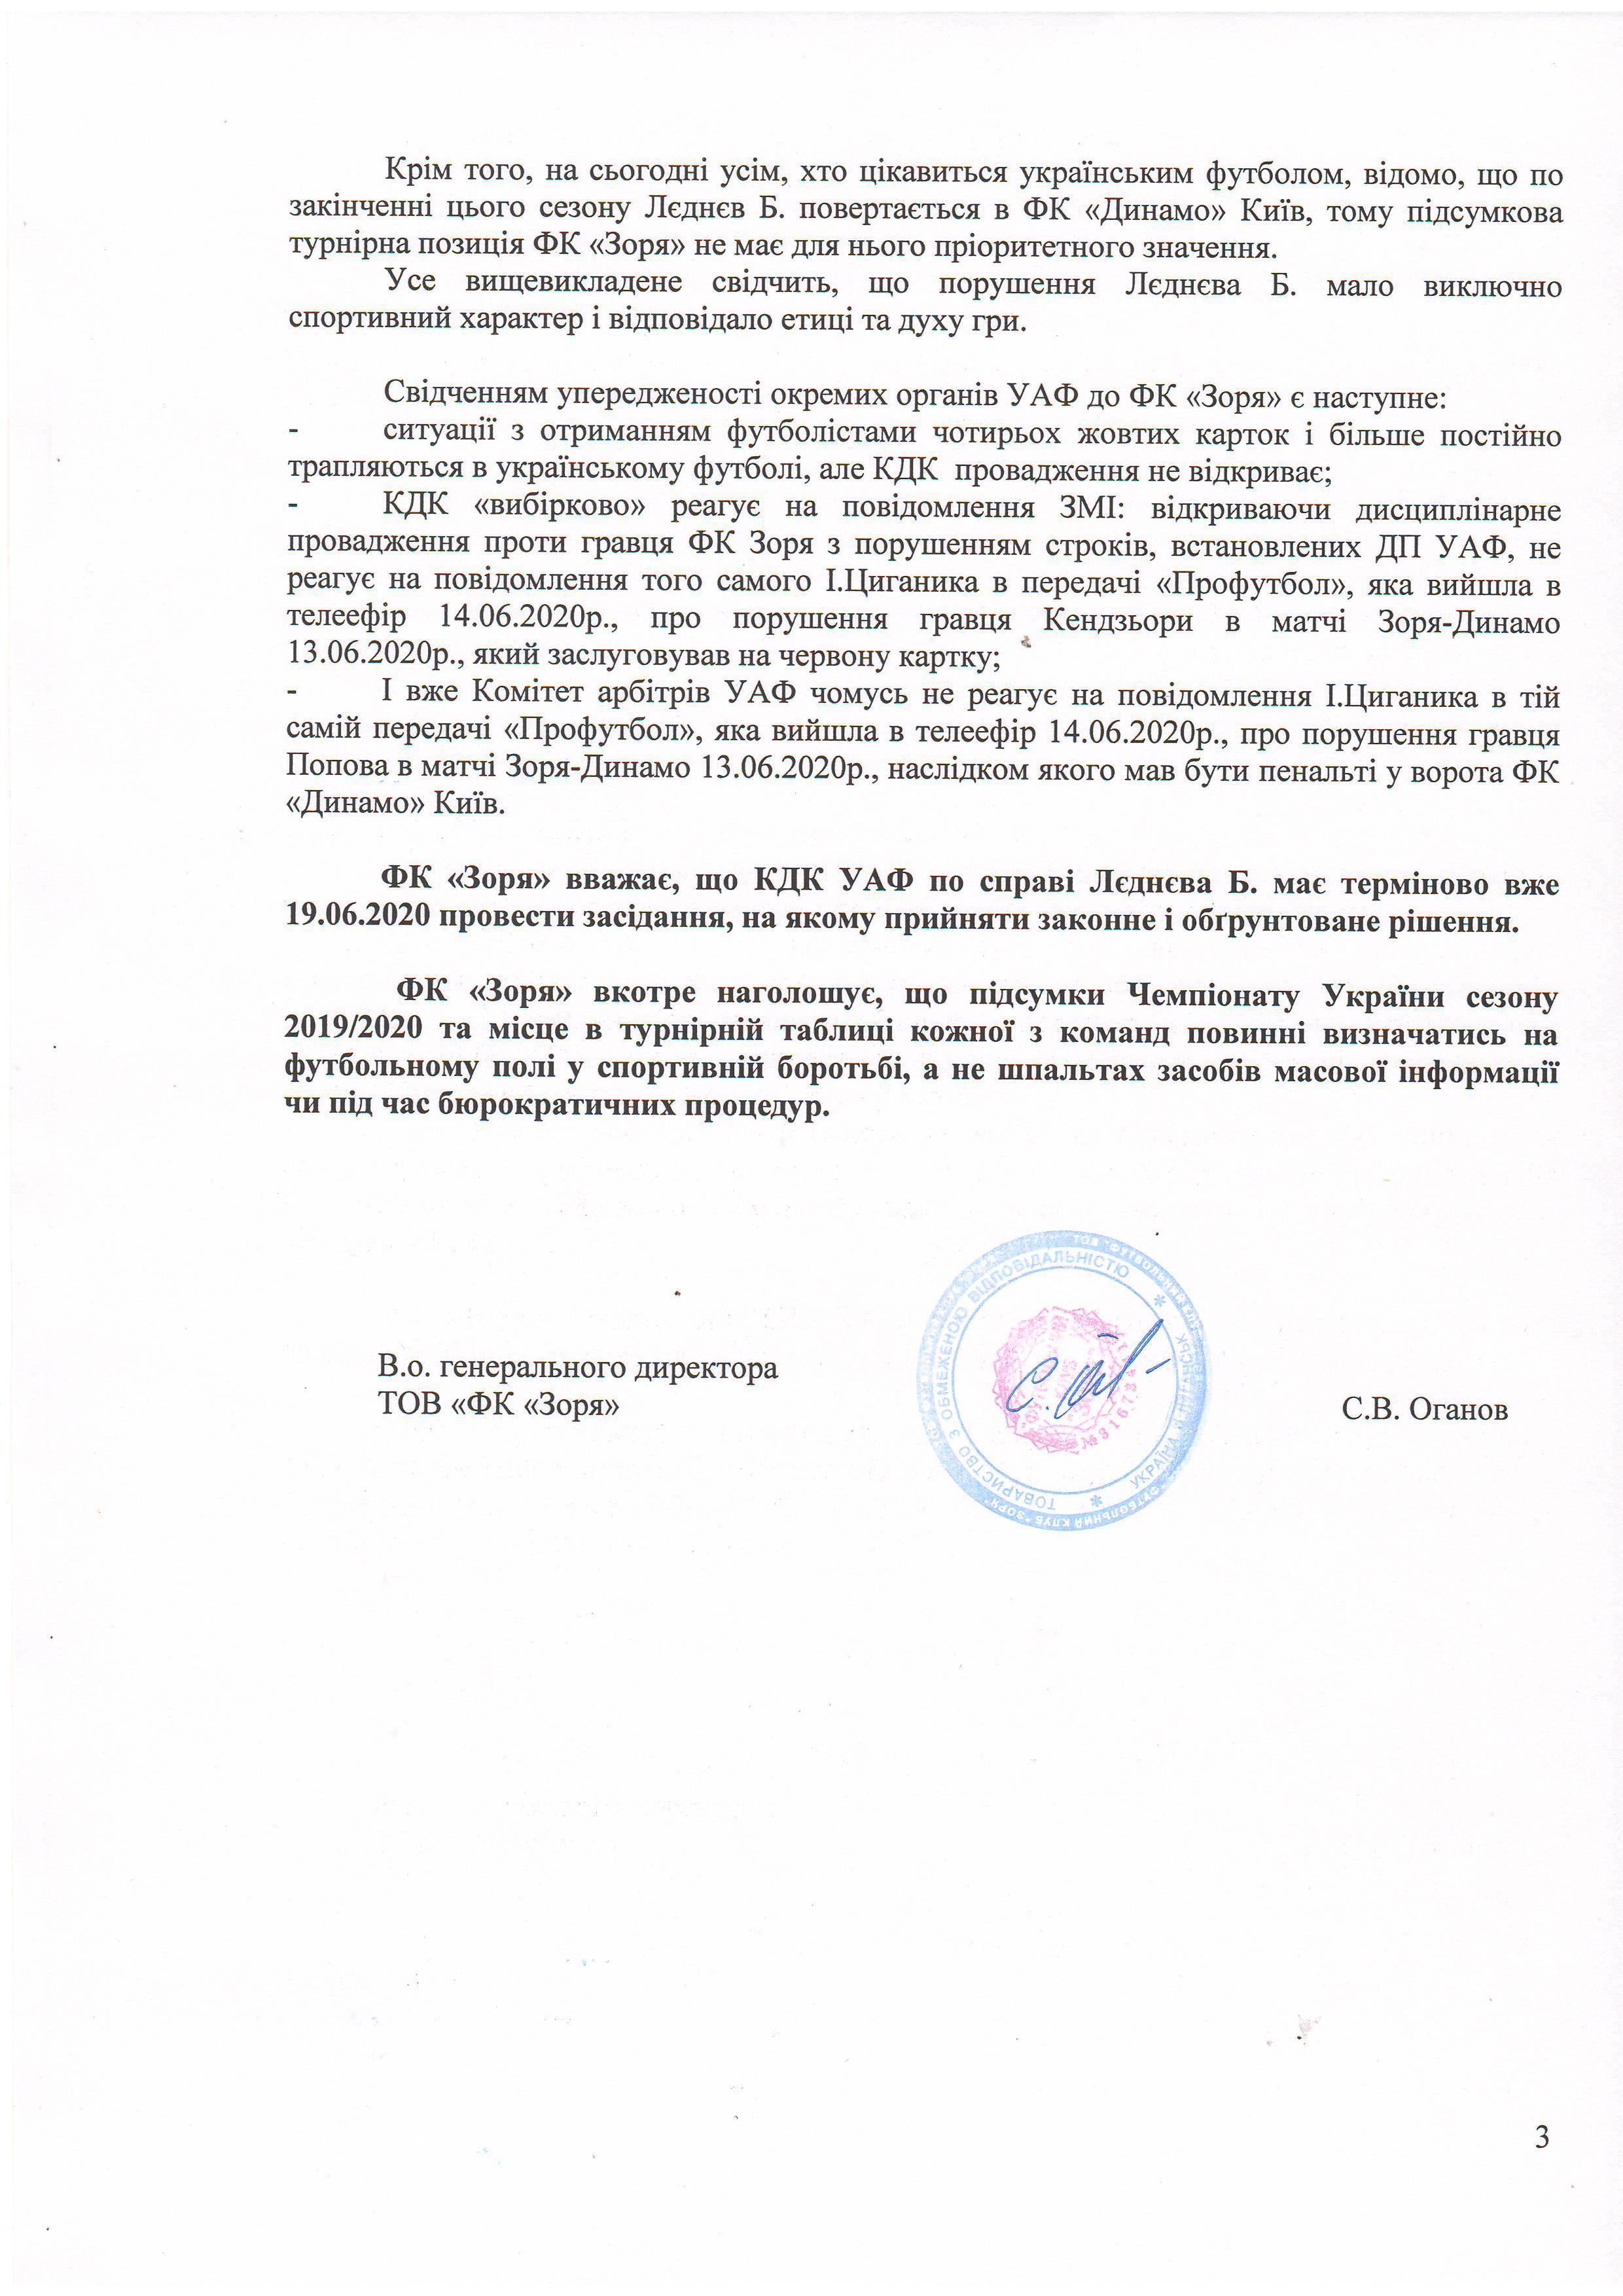 Заря не согласна со сроками дисквалификаций Леднева и Цвека. Клуб требует от КДК  пересмотра решений по игрокам - изображение 3